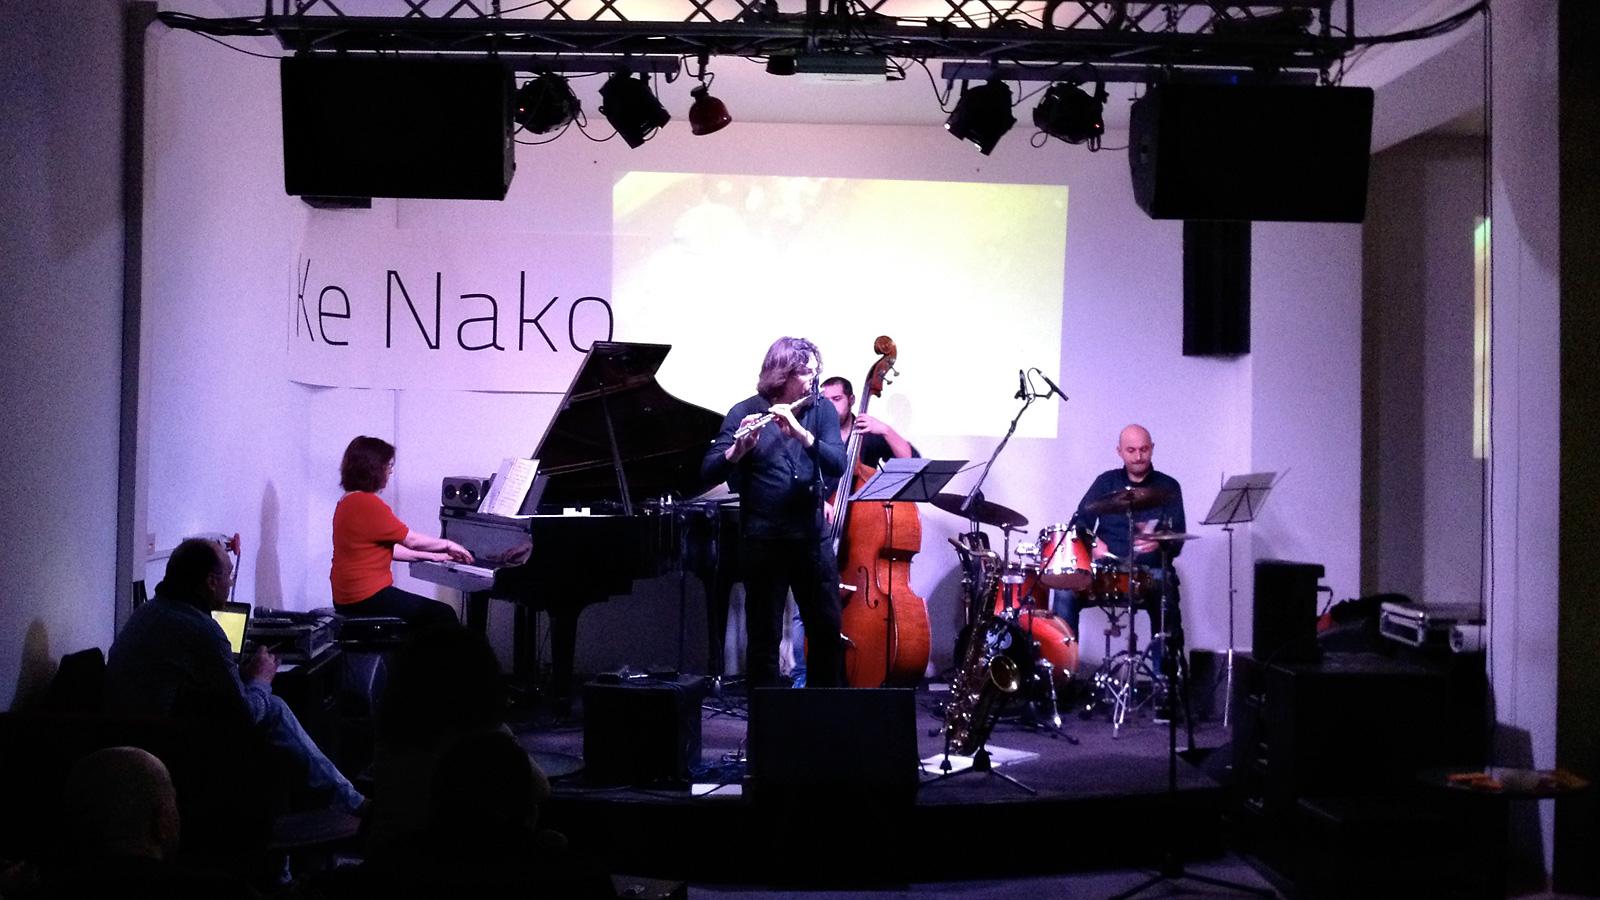 Live al Ke Nako, Roma